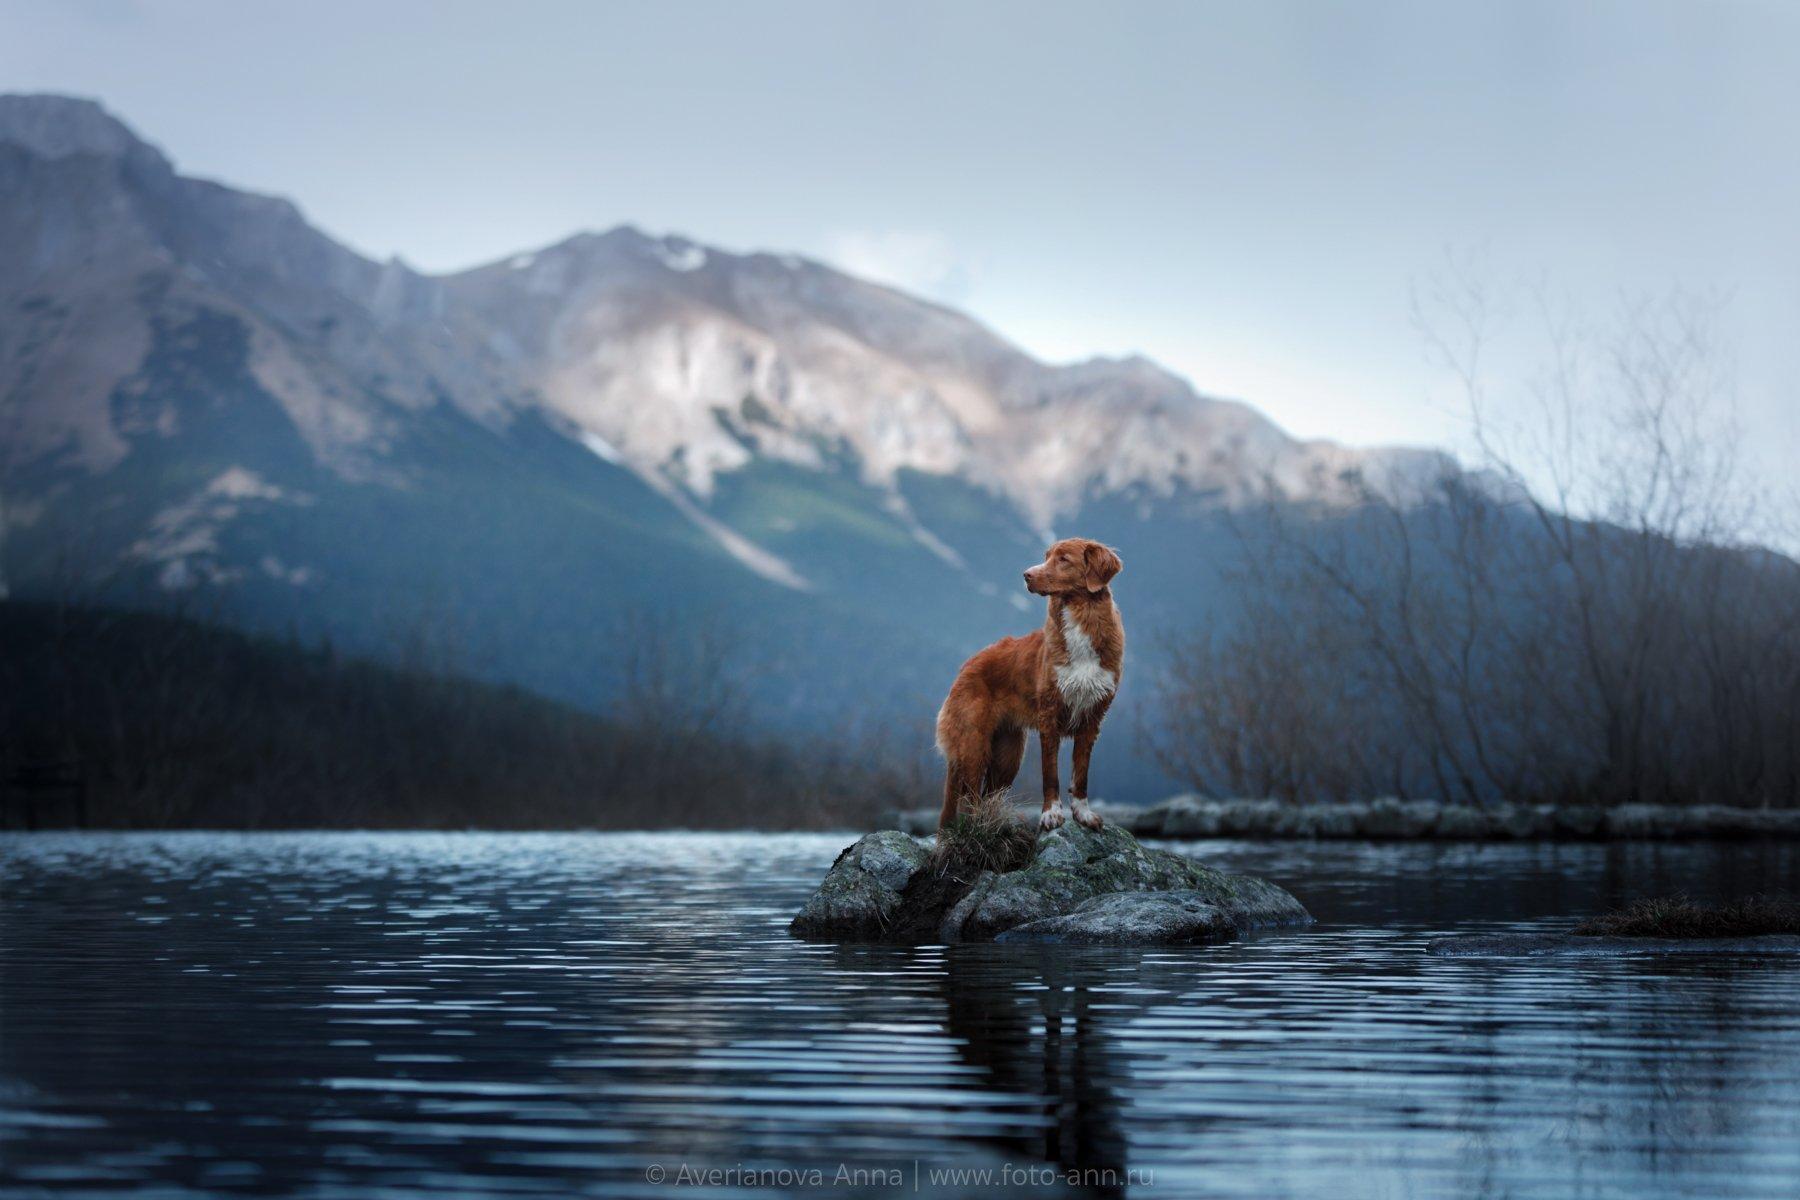 собака, природа, горы, Анна Аверьянова